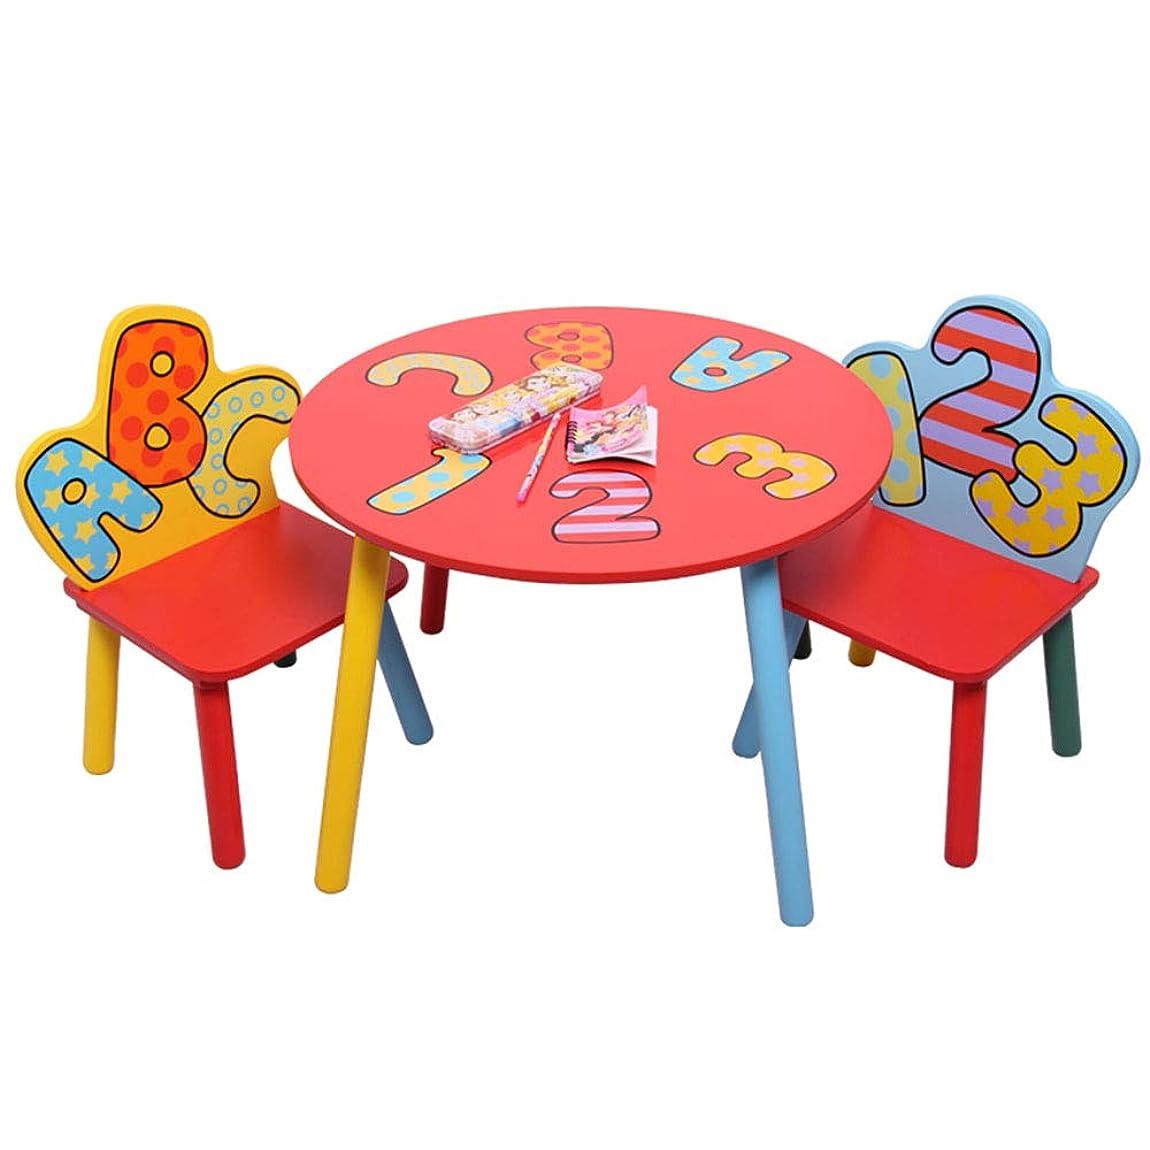 腹士気最初に子供用テーブル?チェアセット - ライティングデスク/ゲームテーブルあと振れ止めの椅子(28 * 28 * 52cm)